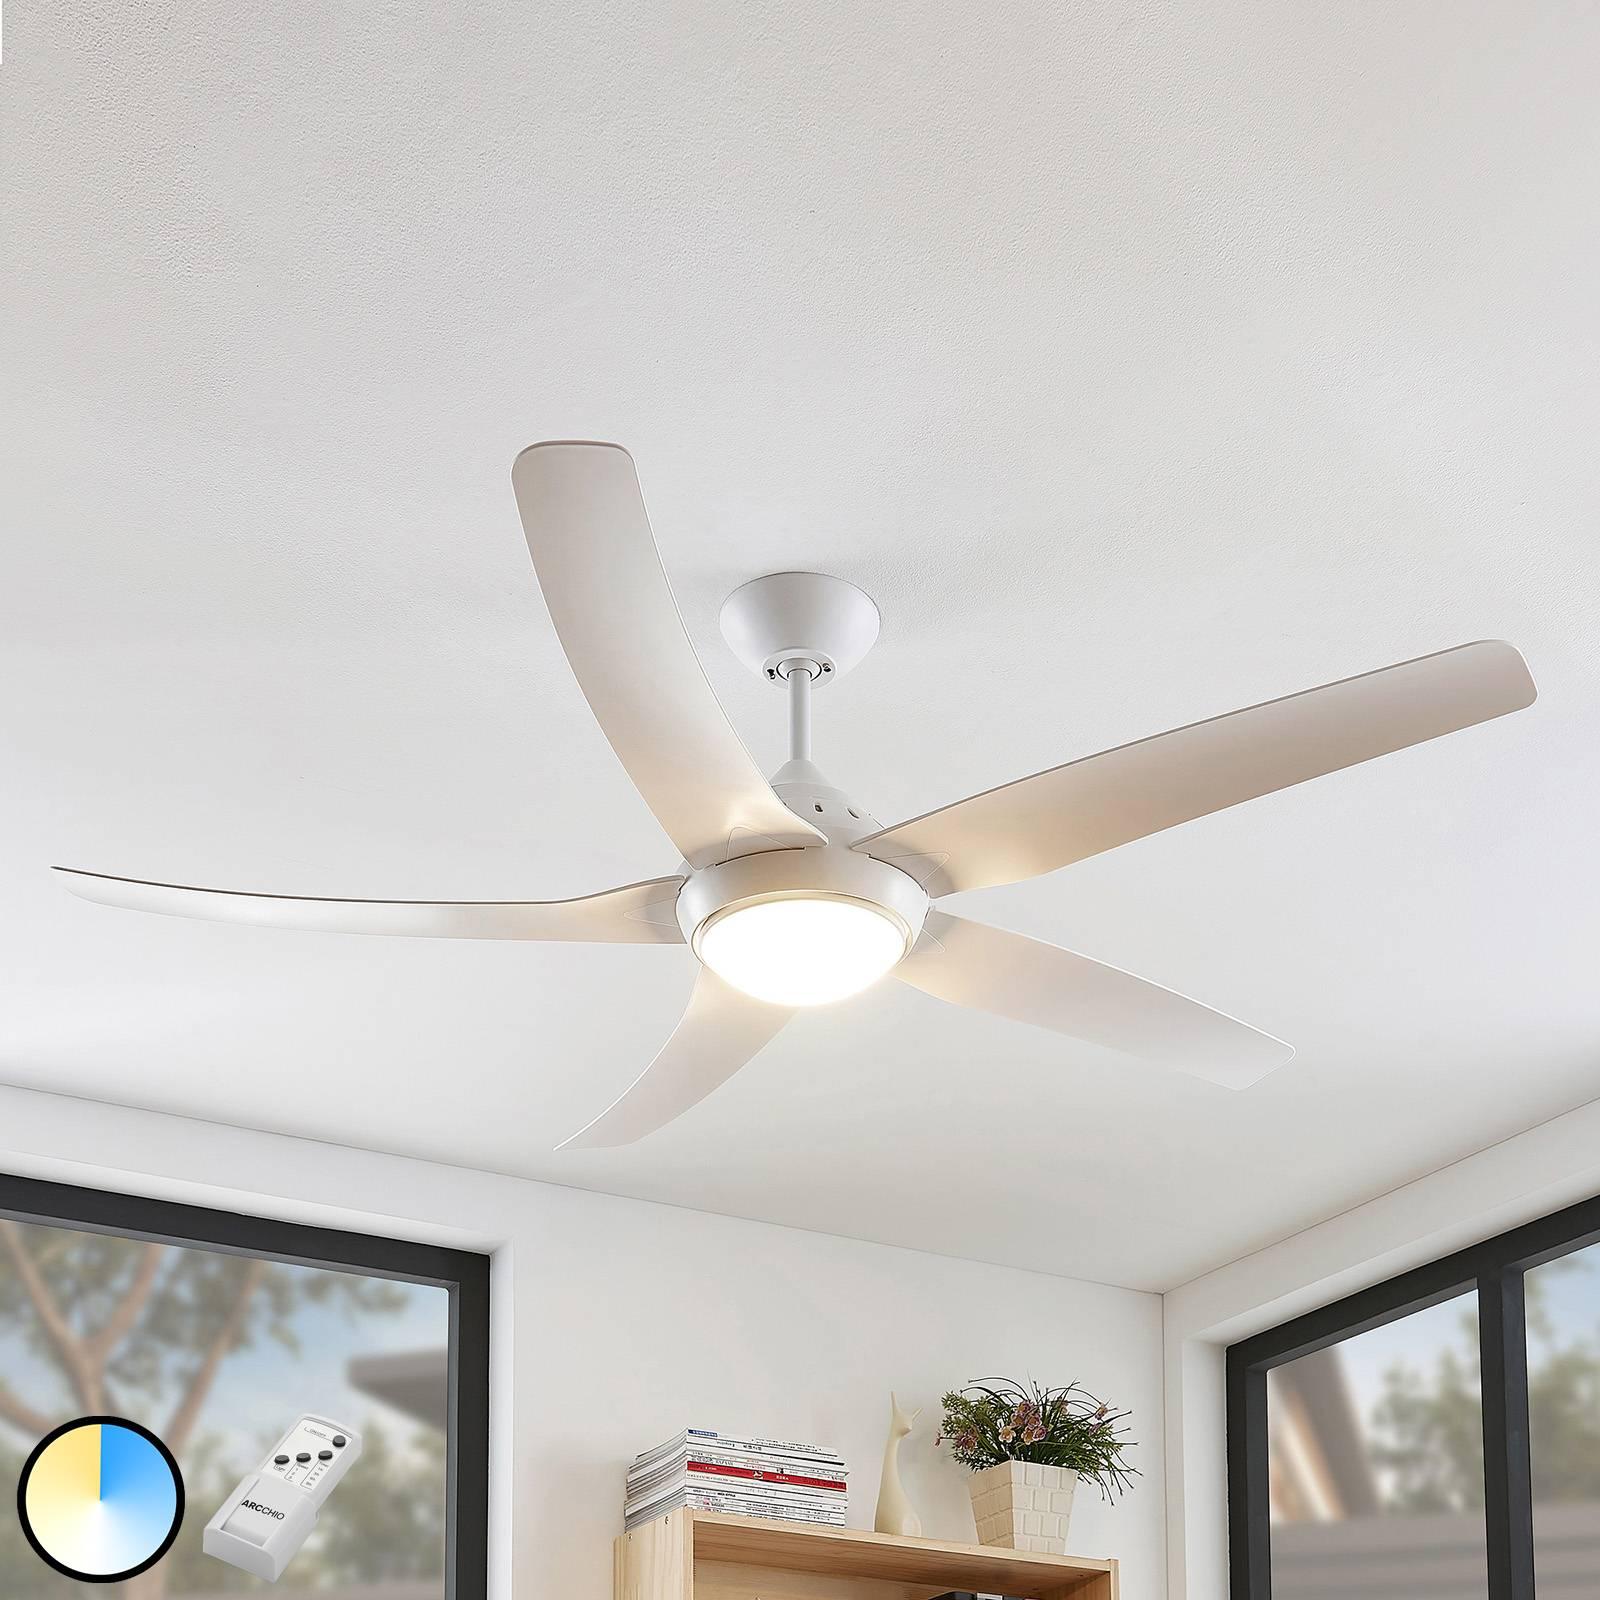 Arcchio Dora-LED-kattotuuletin, valkoinen 5 siipeä